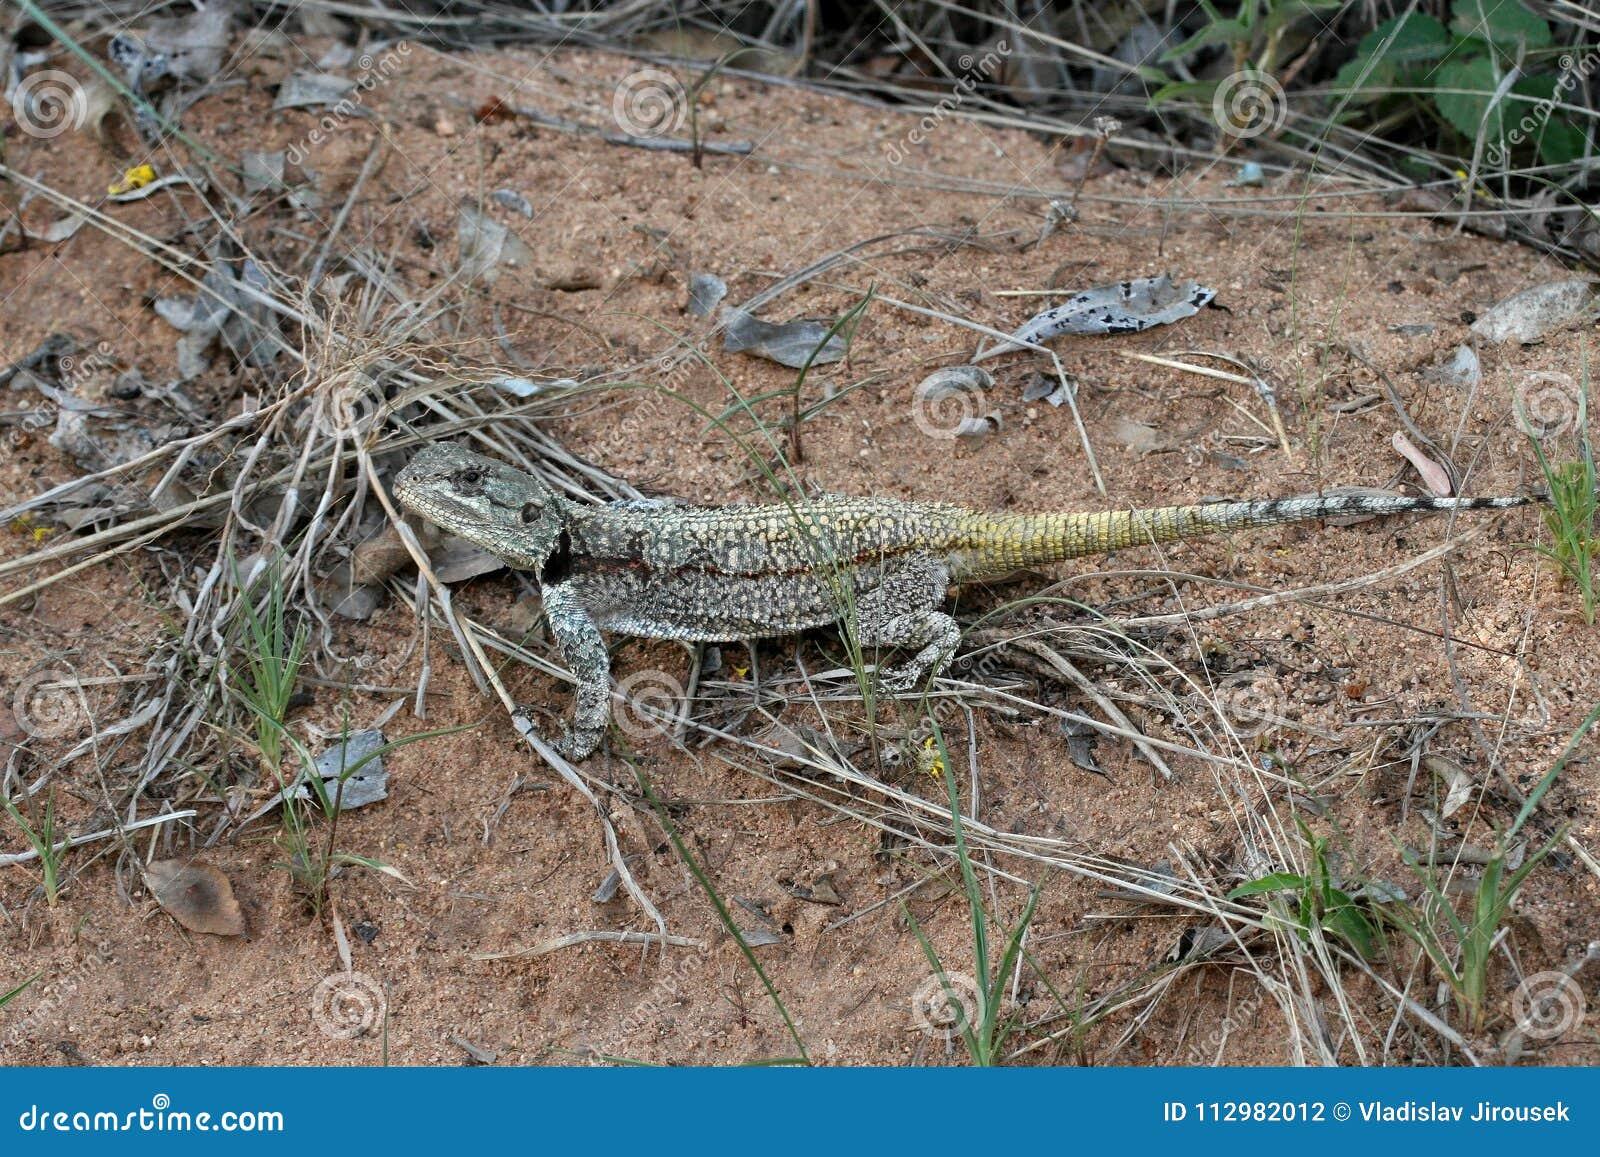 Black-necked Agama, Acanthocercus atricollis, Matopos National Park, Zimbabwe